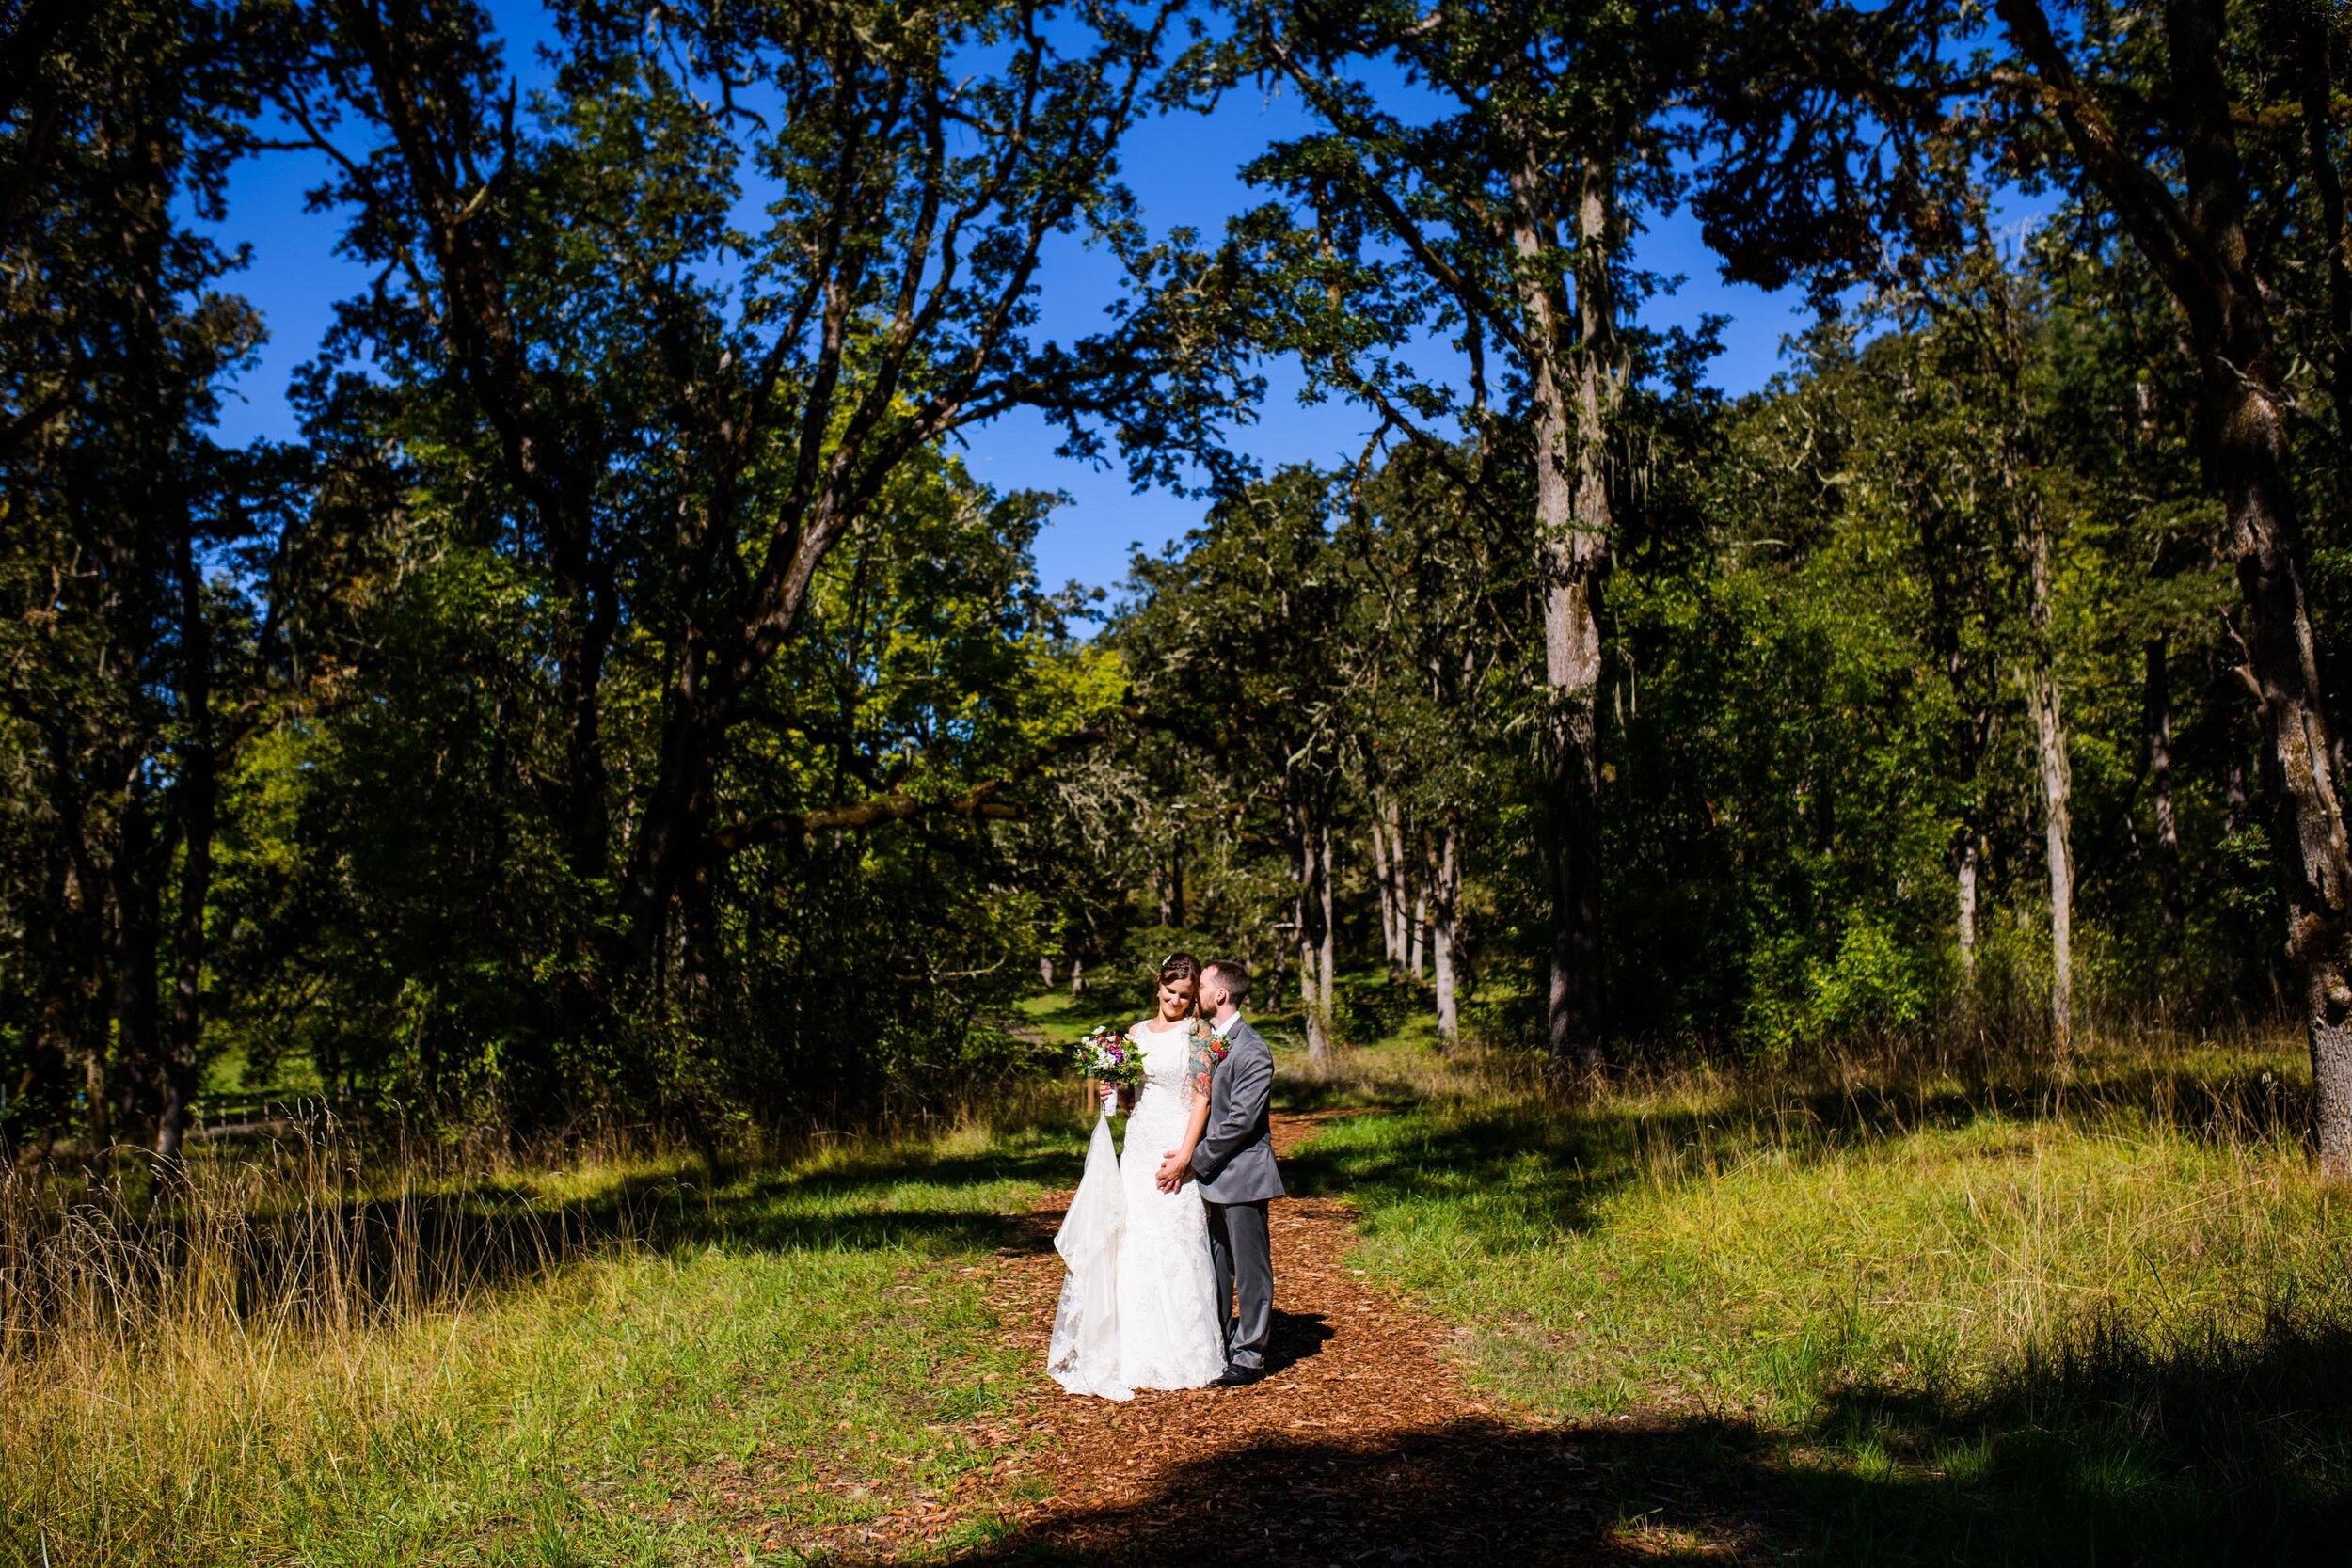 Mt. Pisgah Arboretum wedding photos 26.JPG